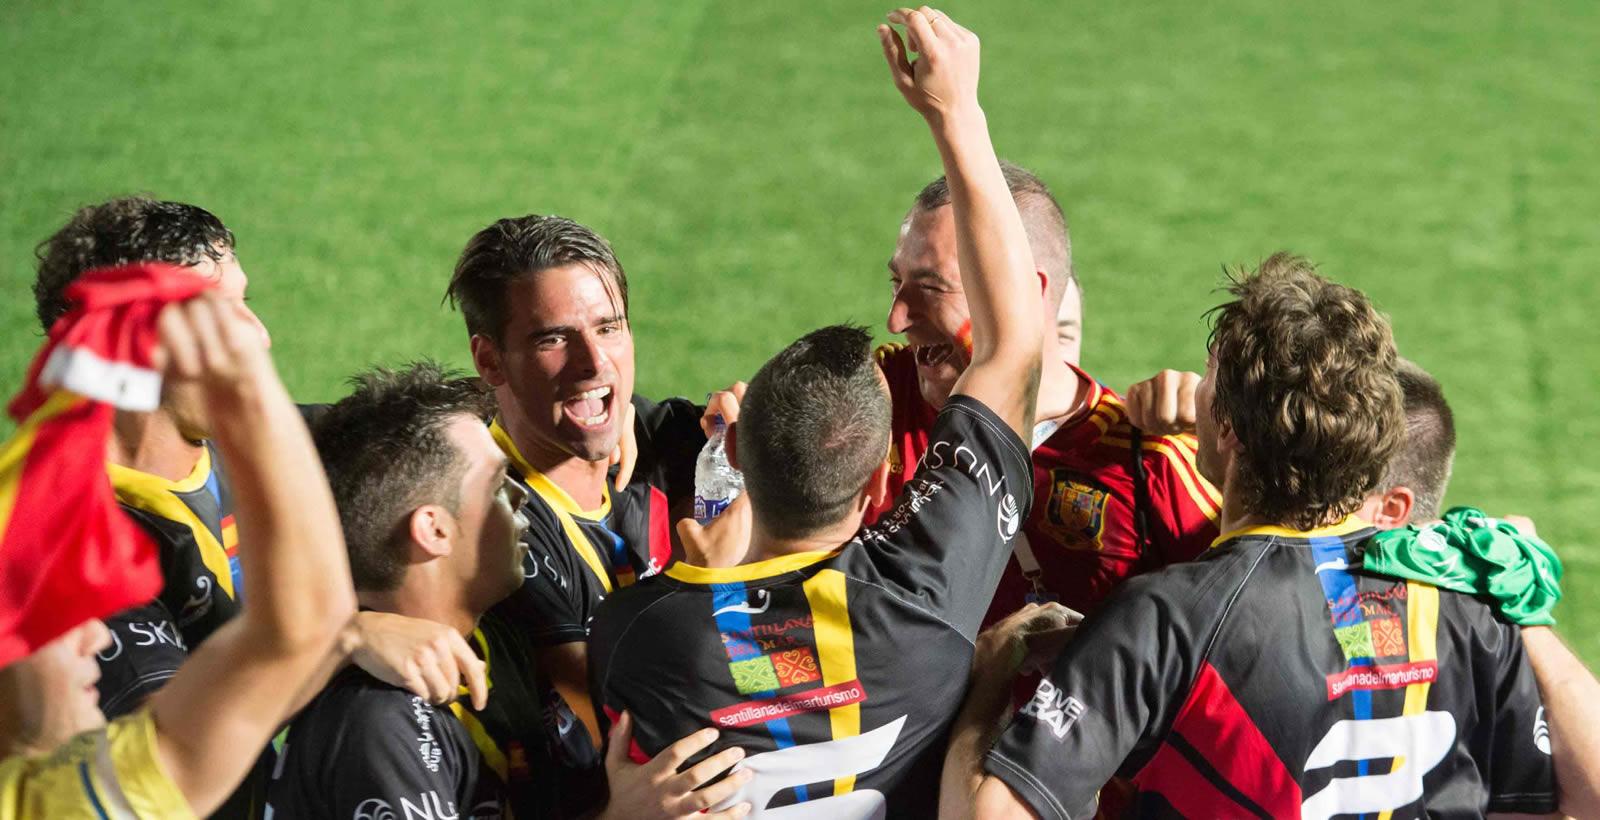 Şehrinin şampiyonu ol ve İstanbul'daki büyük finalde oynama hakkı kazan